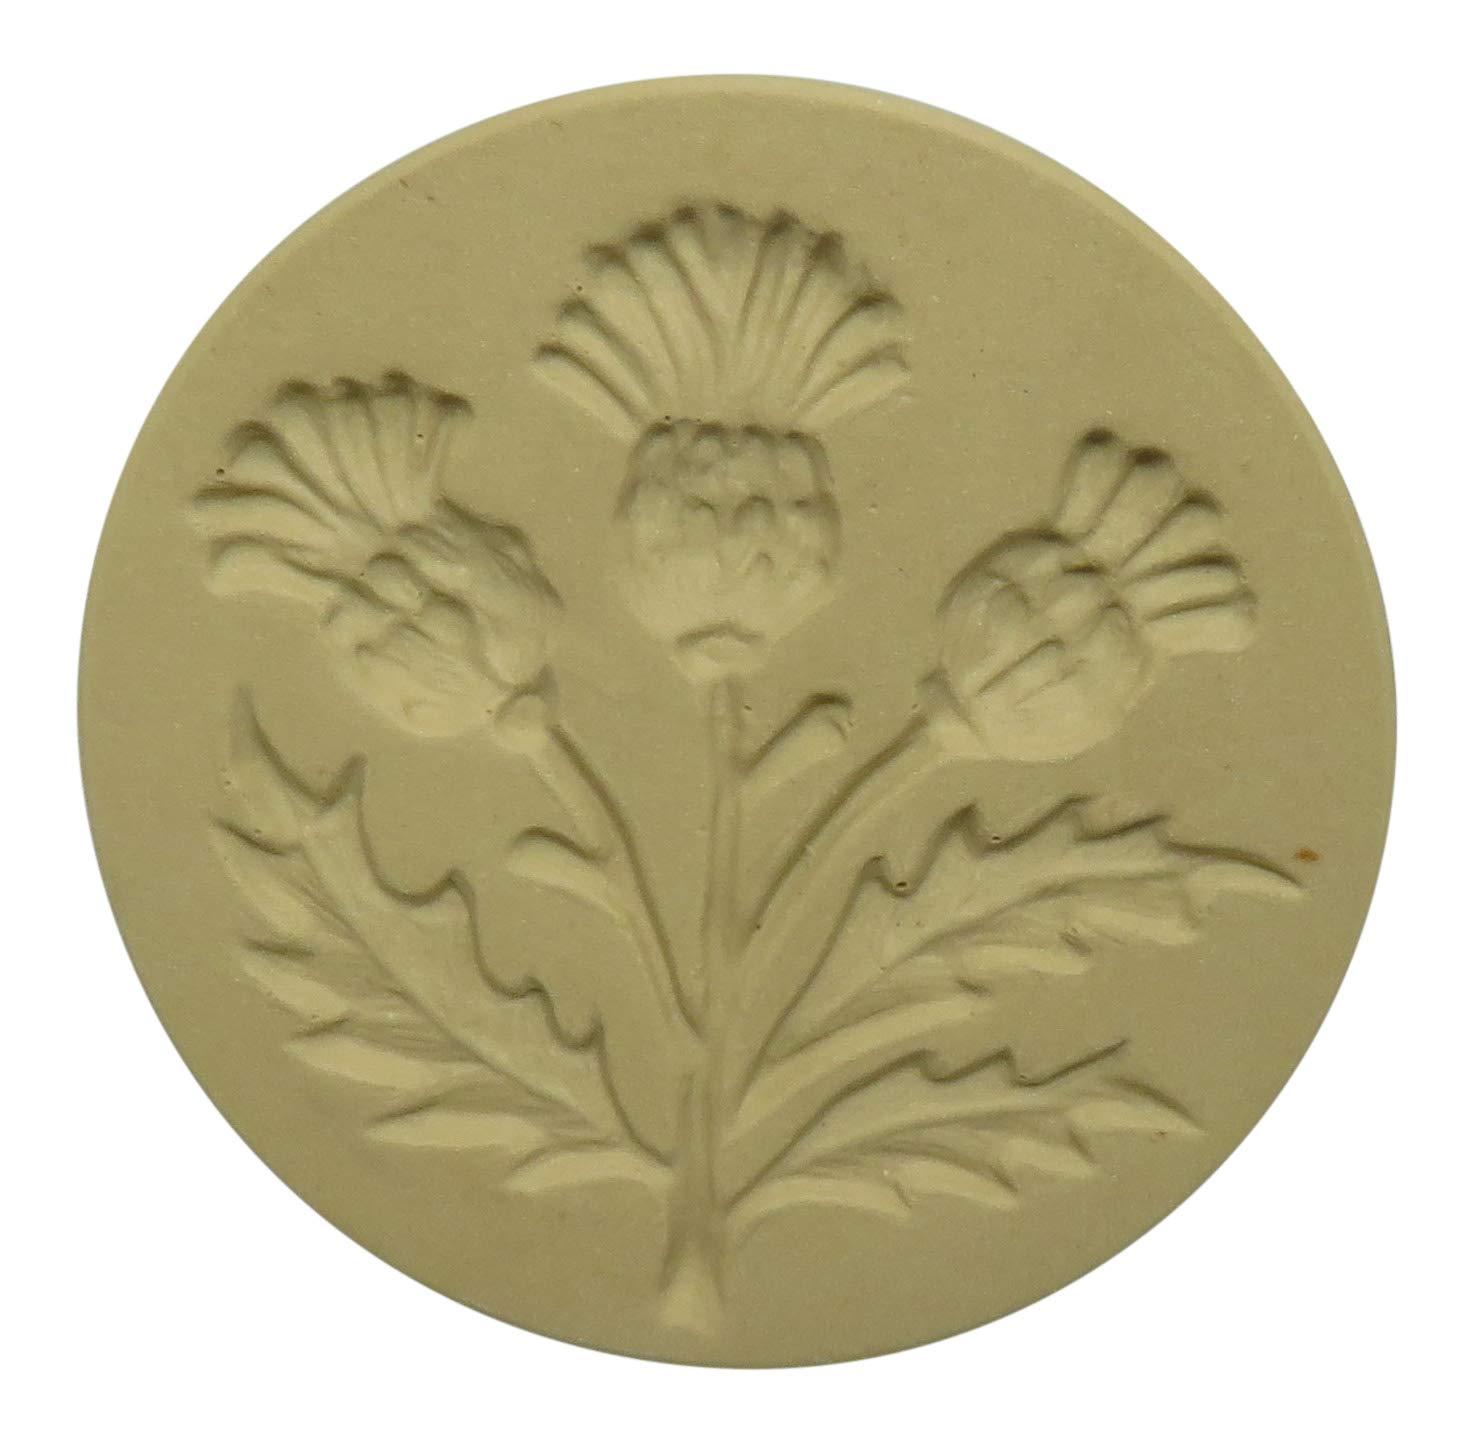 Brown Bag Thistle Cookie Stamp - British Isle Series